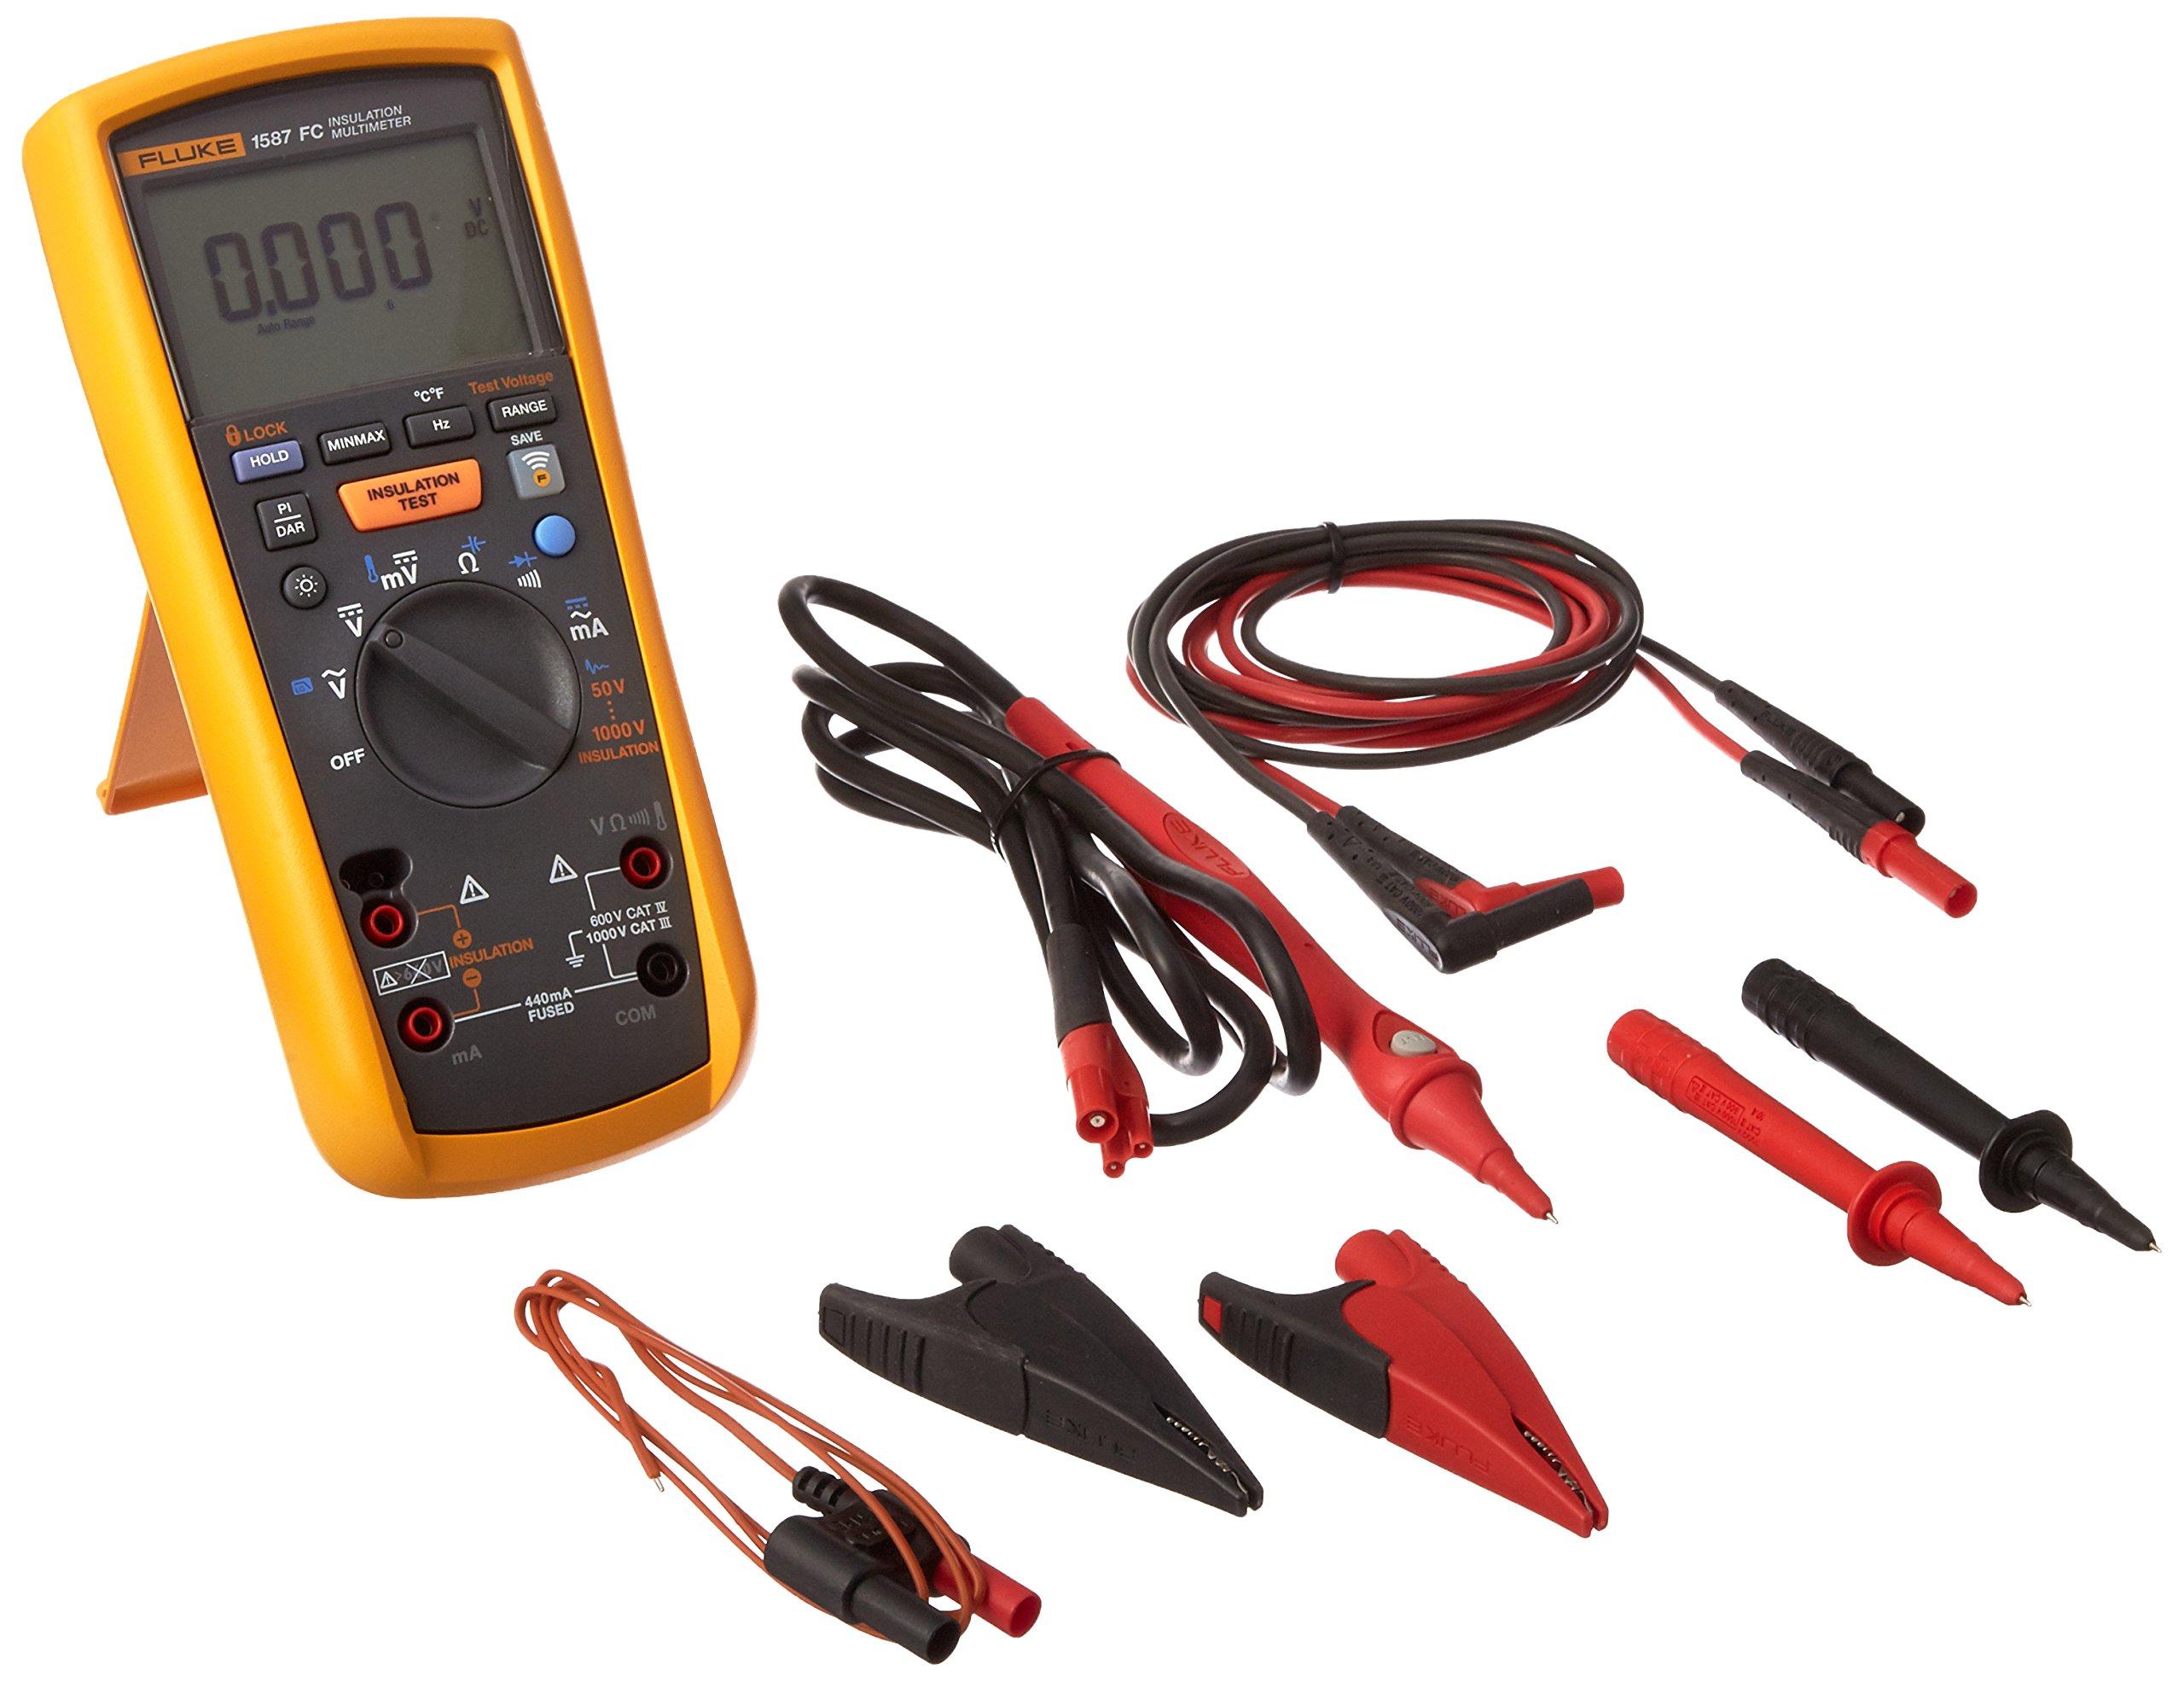 FLUKE 1587 FC 2-In-1 Insulation Multimeter